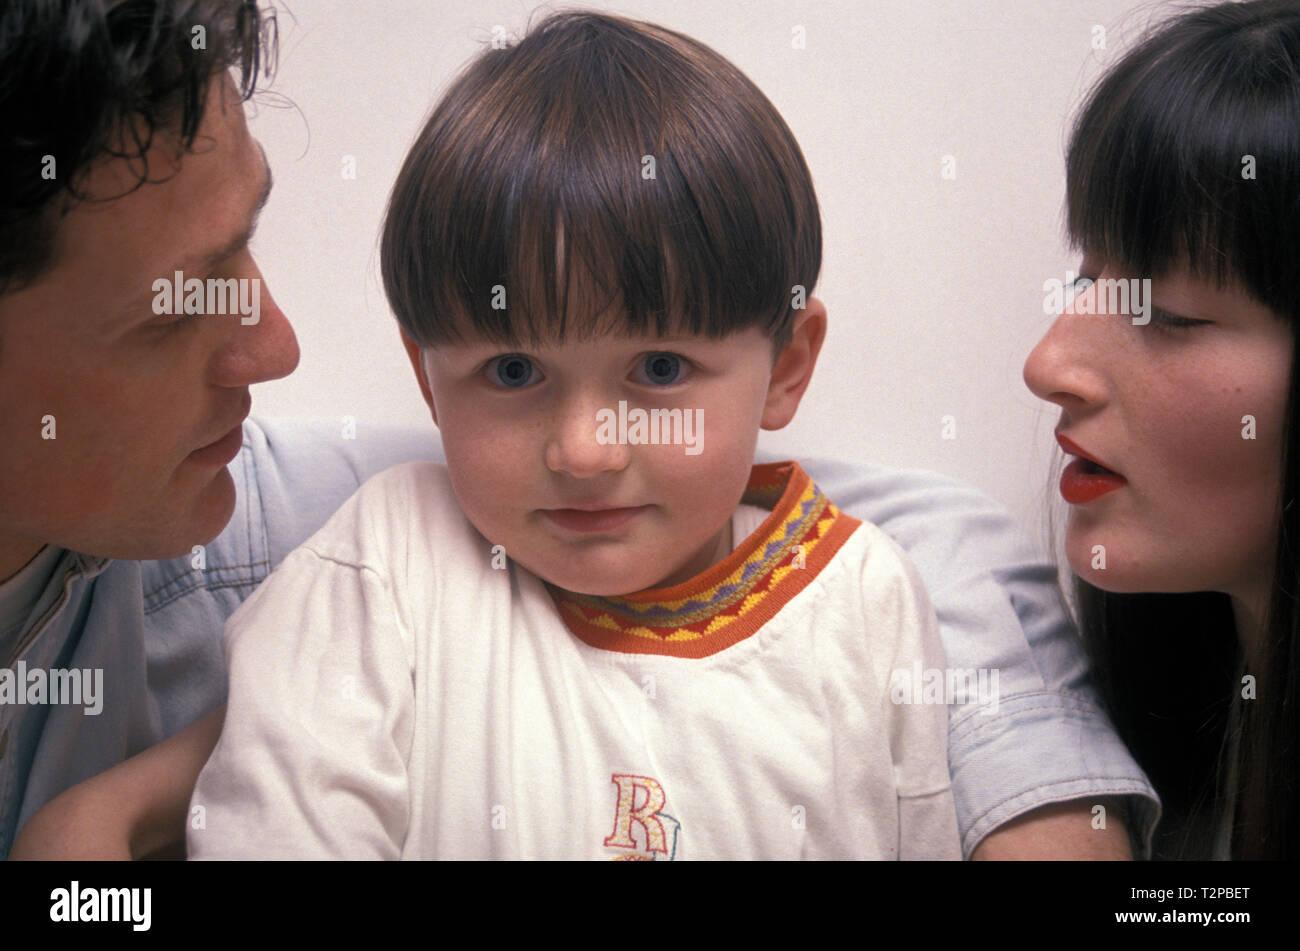 Chauds petit garçon entre ses deux parents Photo Stock